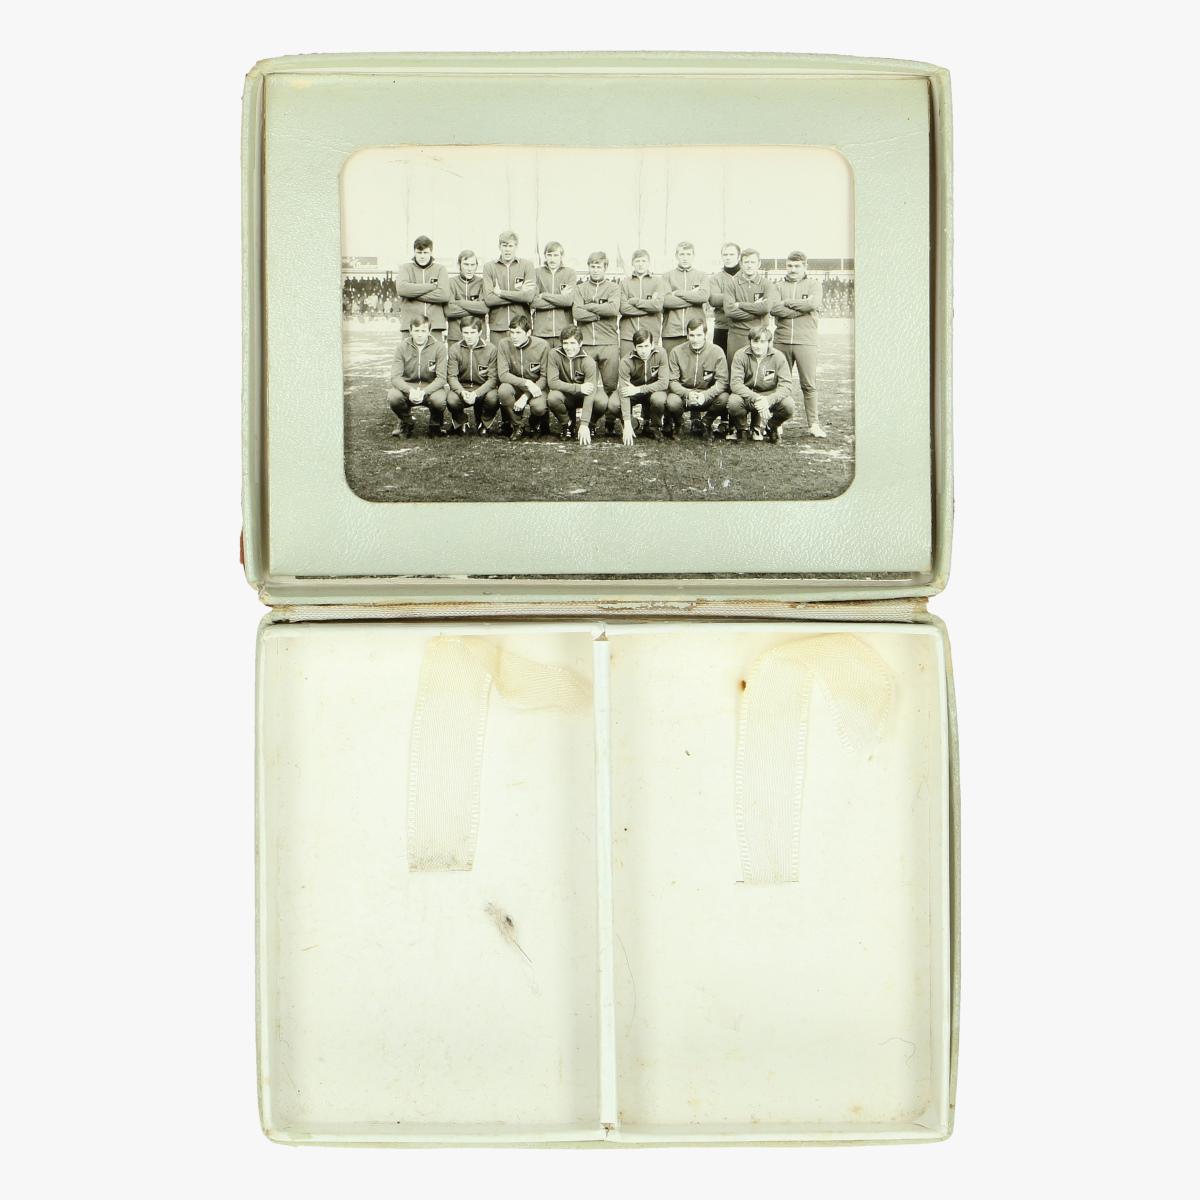 Afbeeldingen van kartonnen doosje met foto voetbalwedstrijd belgisch leger - Nederlands leger turnhout 31 maart 1971